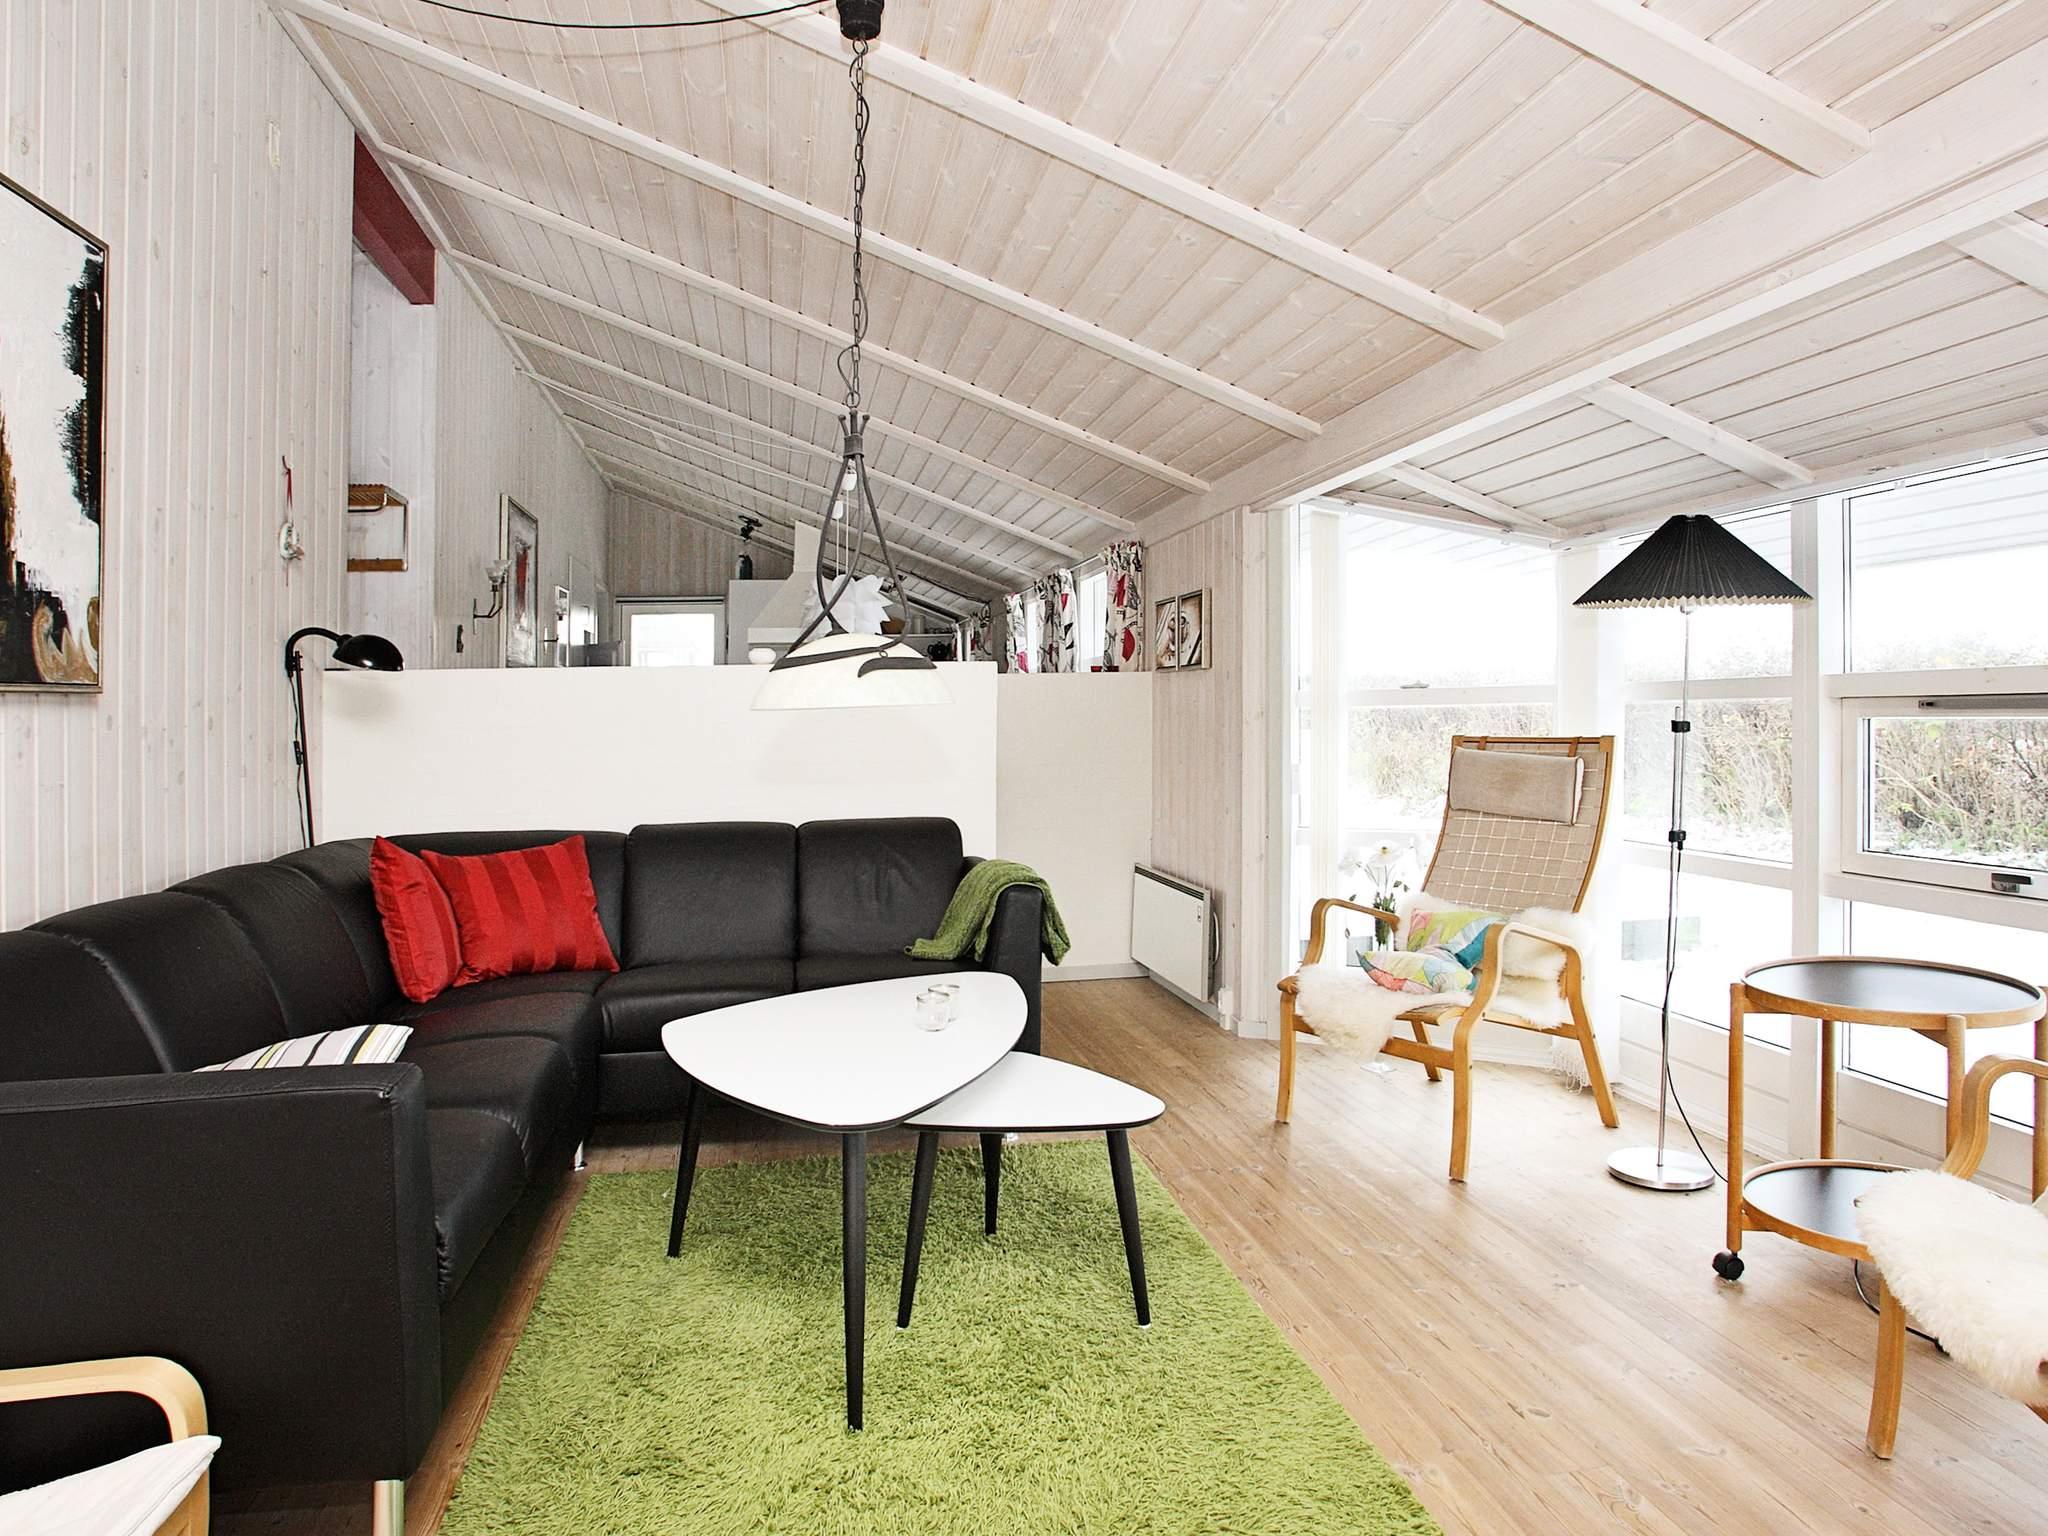 Ferienhaus Løkken (84407), Løkken, , Nordwestjütland, Dänemark, Bild 2